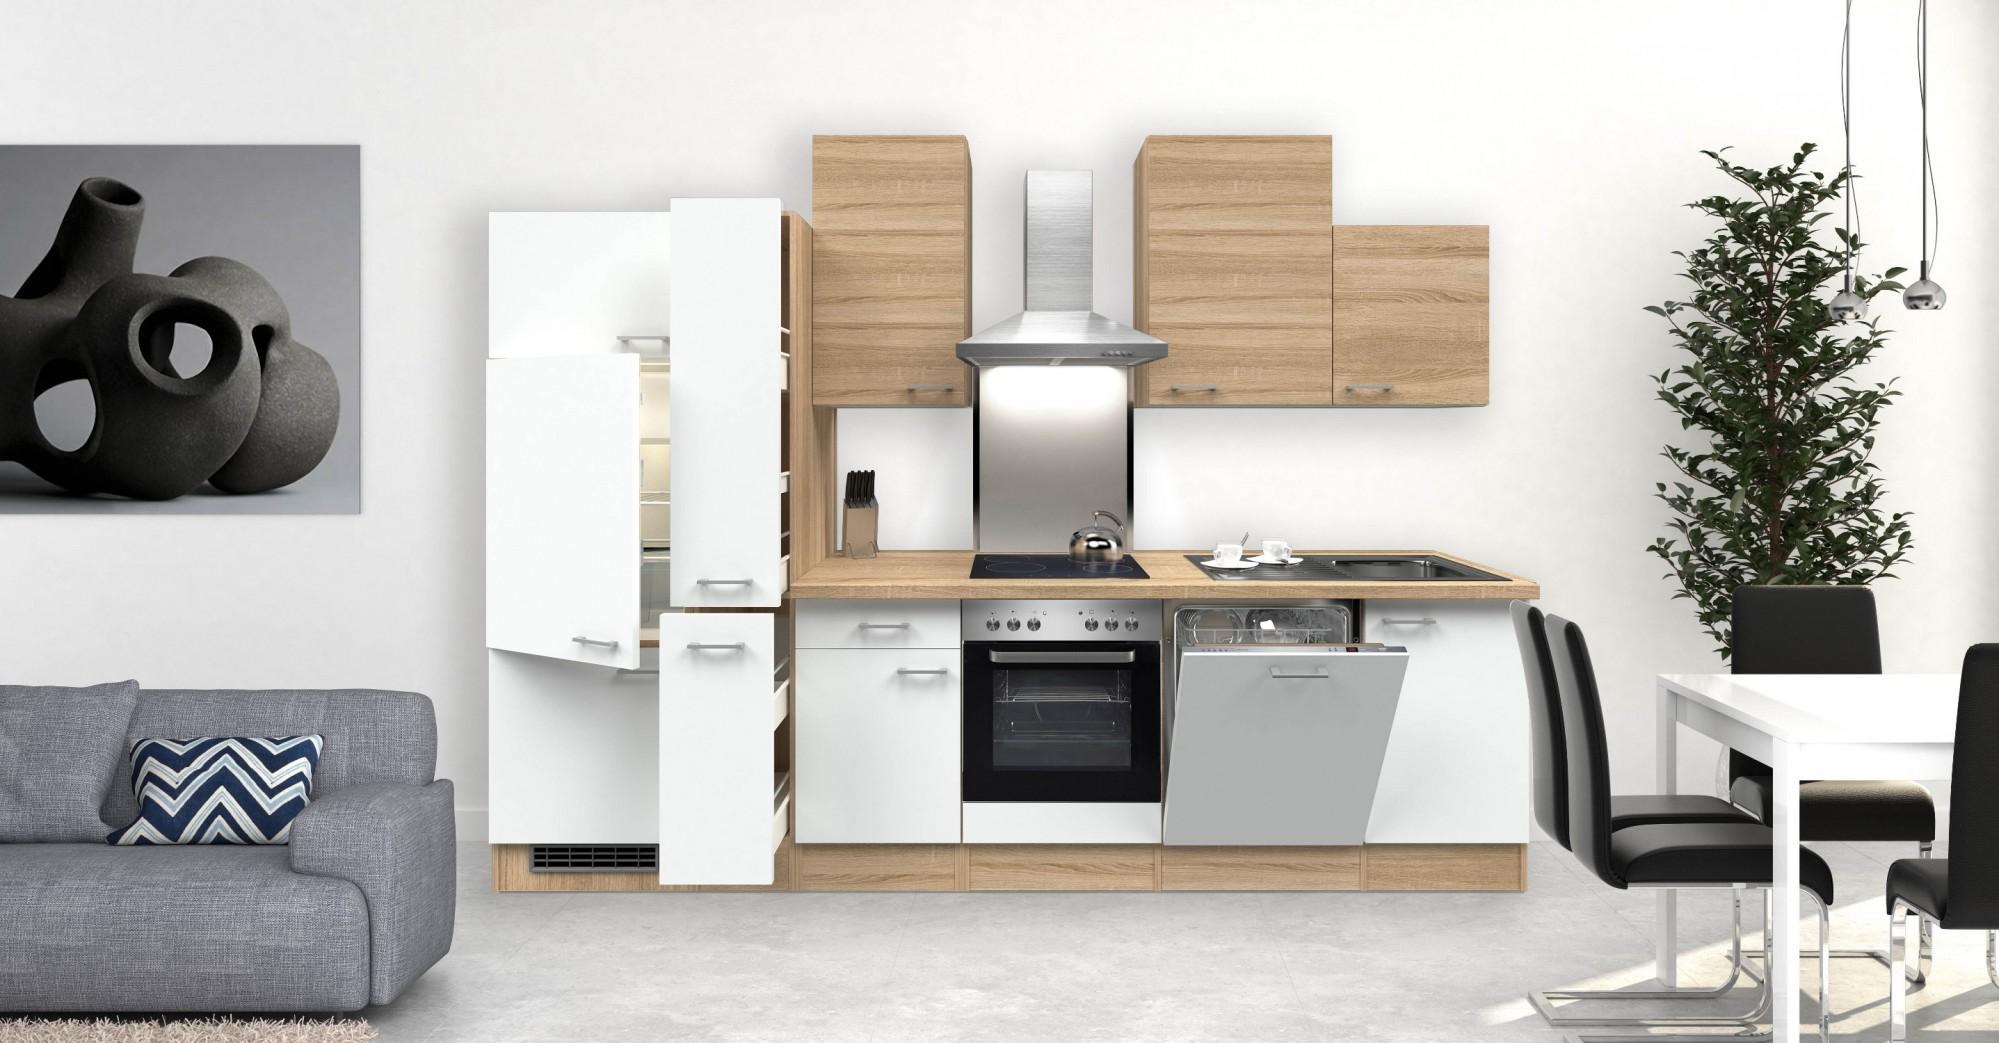 k chen unterschrank rom 2 t rig 80 cm breit wei k che rom. Black Bedroom Furniture Sets. Home Design Ideas